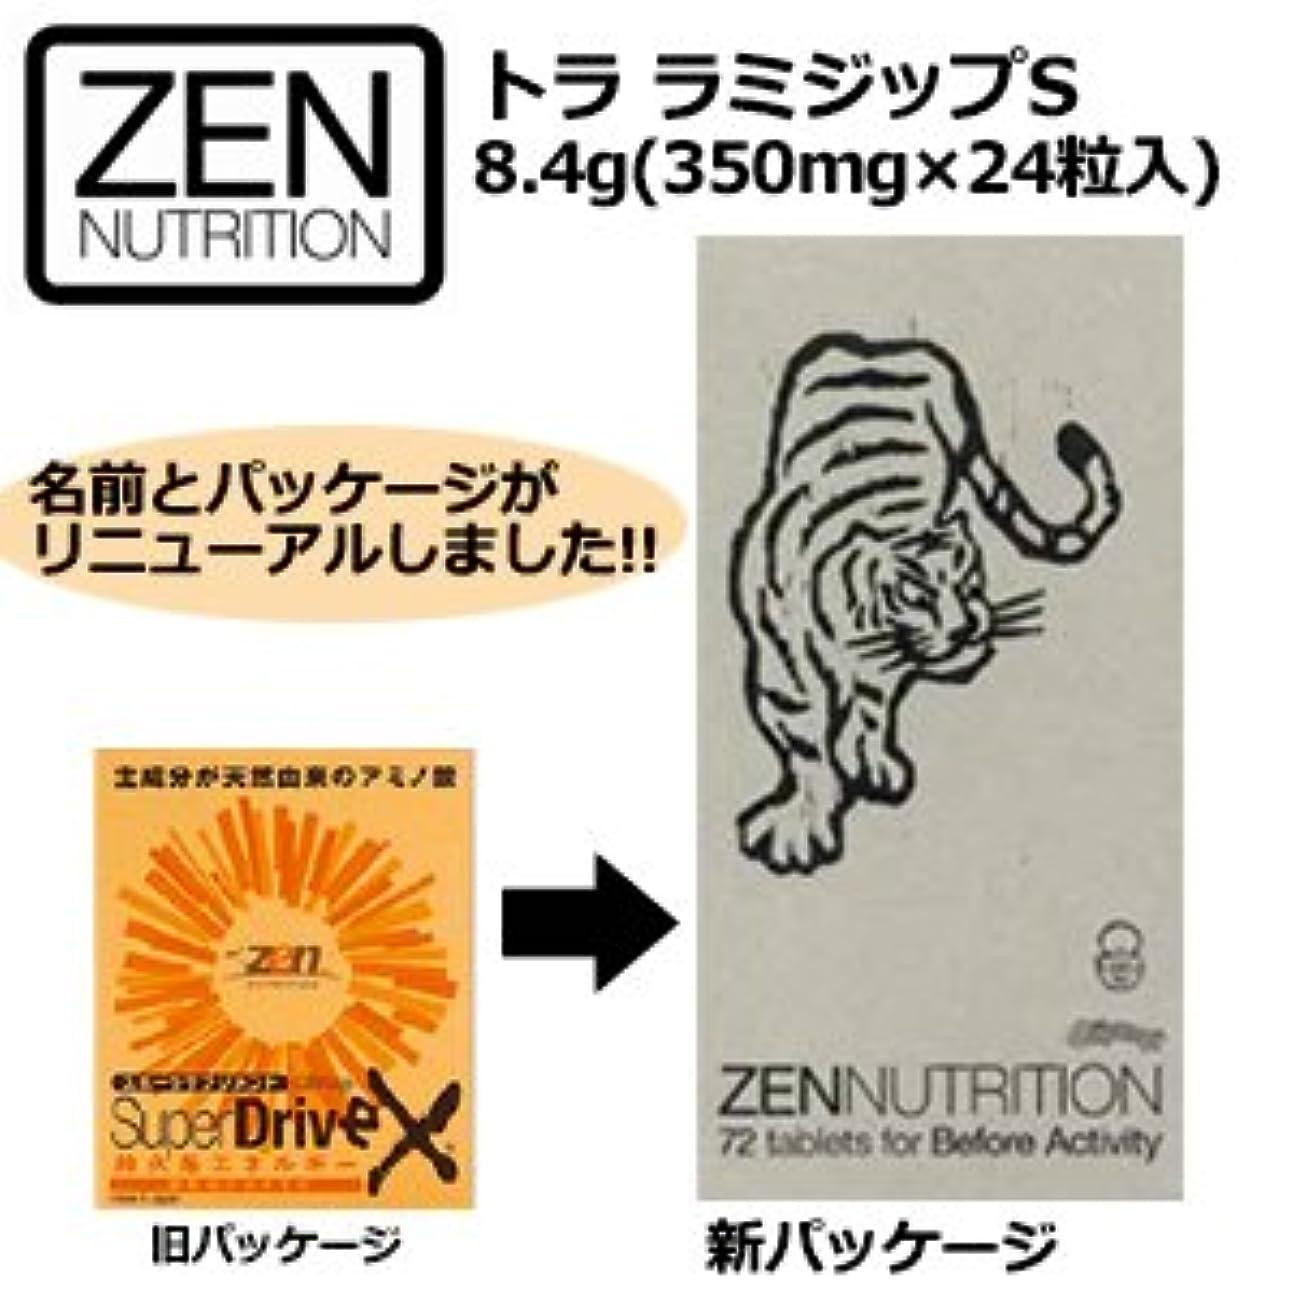 声を出して変えるマットZEN ゼン SUPER DRIVE スーパードライブEX 虎,とら サプリメント アミノ酸●トラ ラミジップS 8.4g